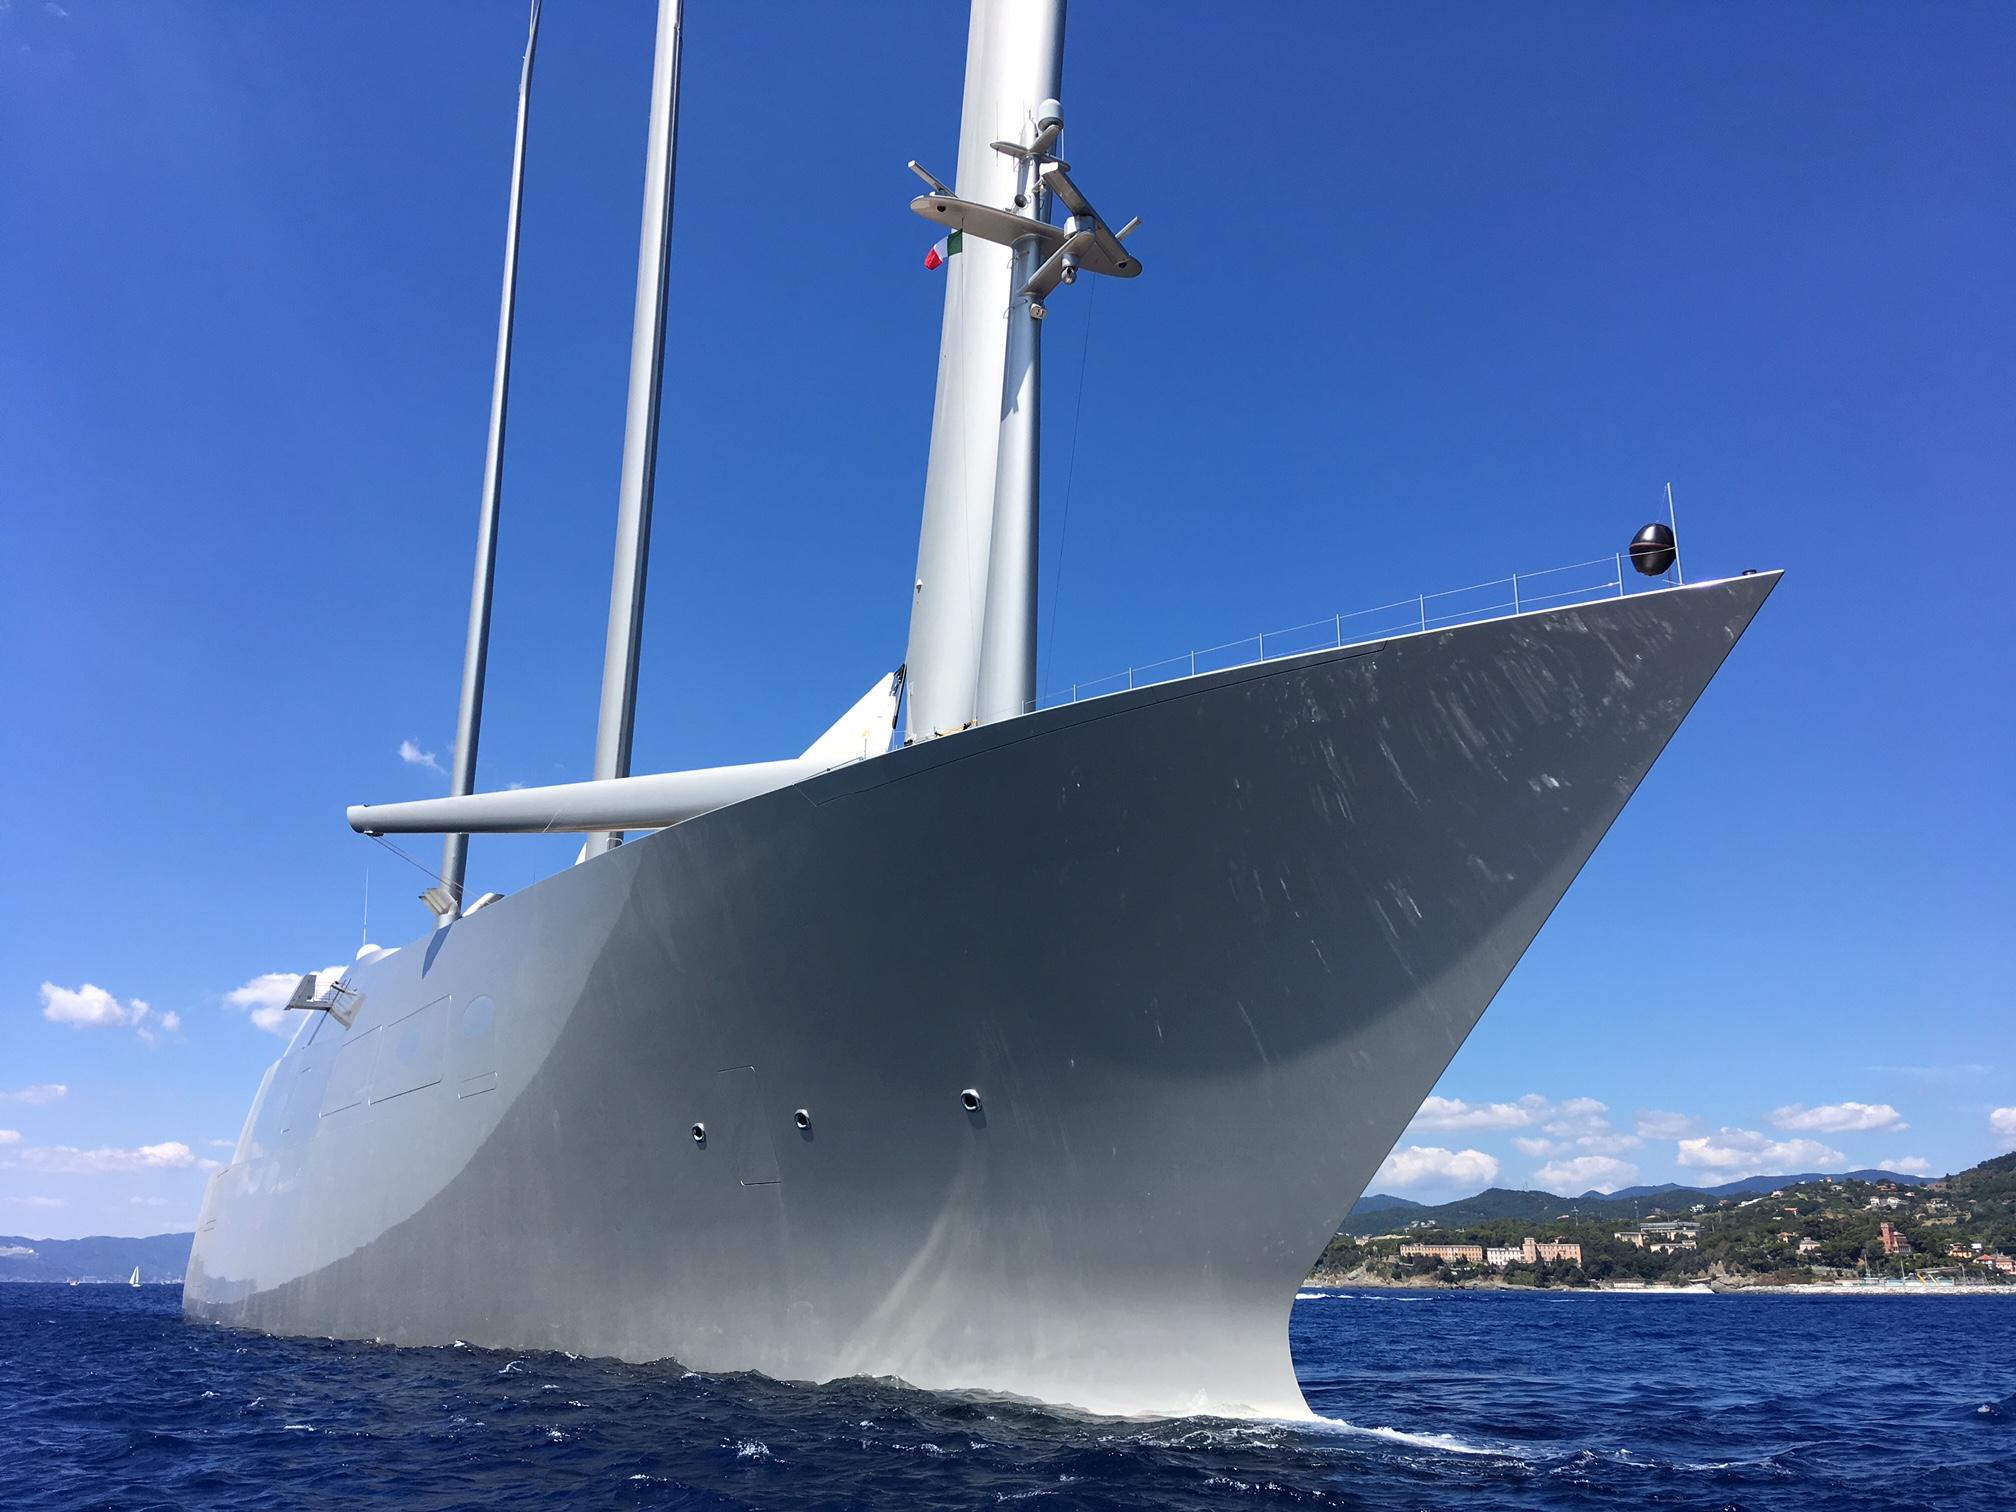 La barca pi brutta del mondo l 39 abbiamo paparazzata a varazze for Classifica yacht piu grandi del mondo